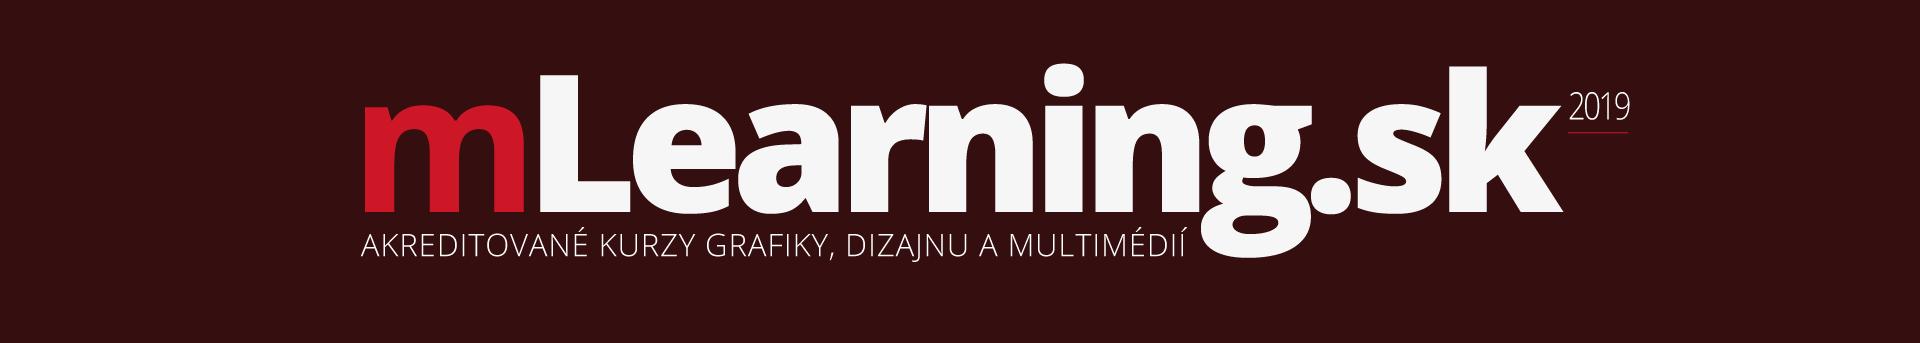 mLearning.sk = akreditované kurzy grafiky, grafické kurzy, kurzy Illustrator, kurzy Photoshop,, kurzy InDesign, kurzy Corel, kurzy tvorba webstránok, kurzy grafický design, kurzy webdesign, kurzy KOMPAS